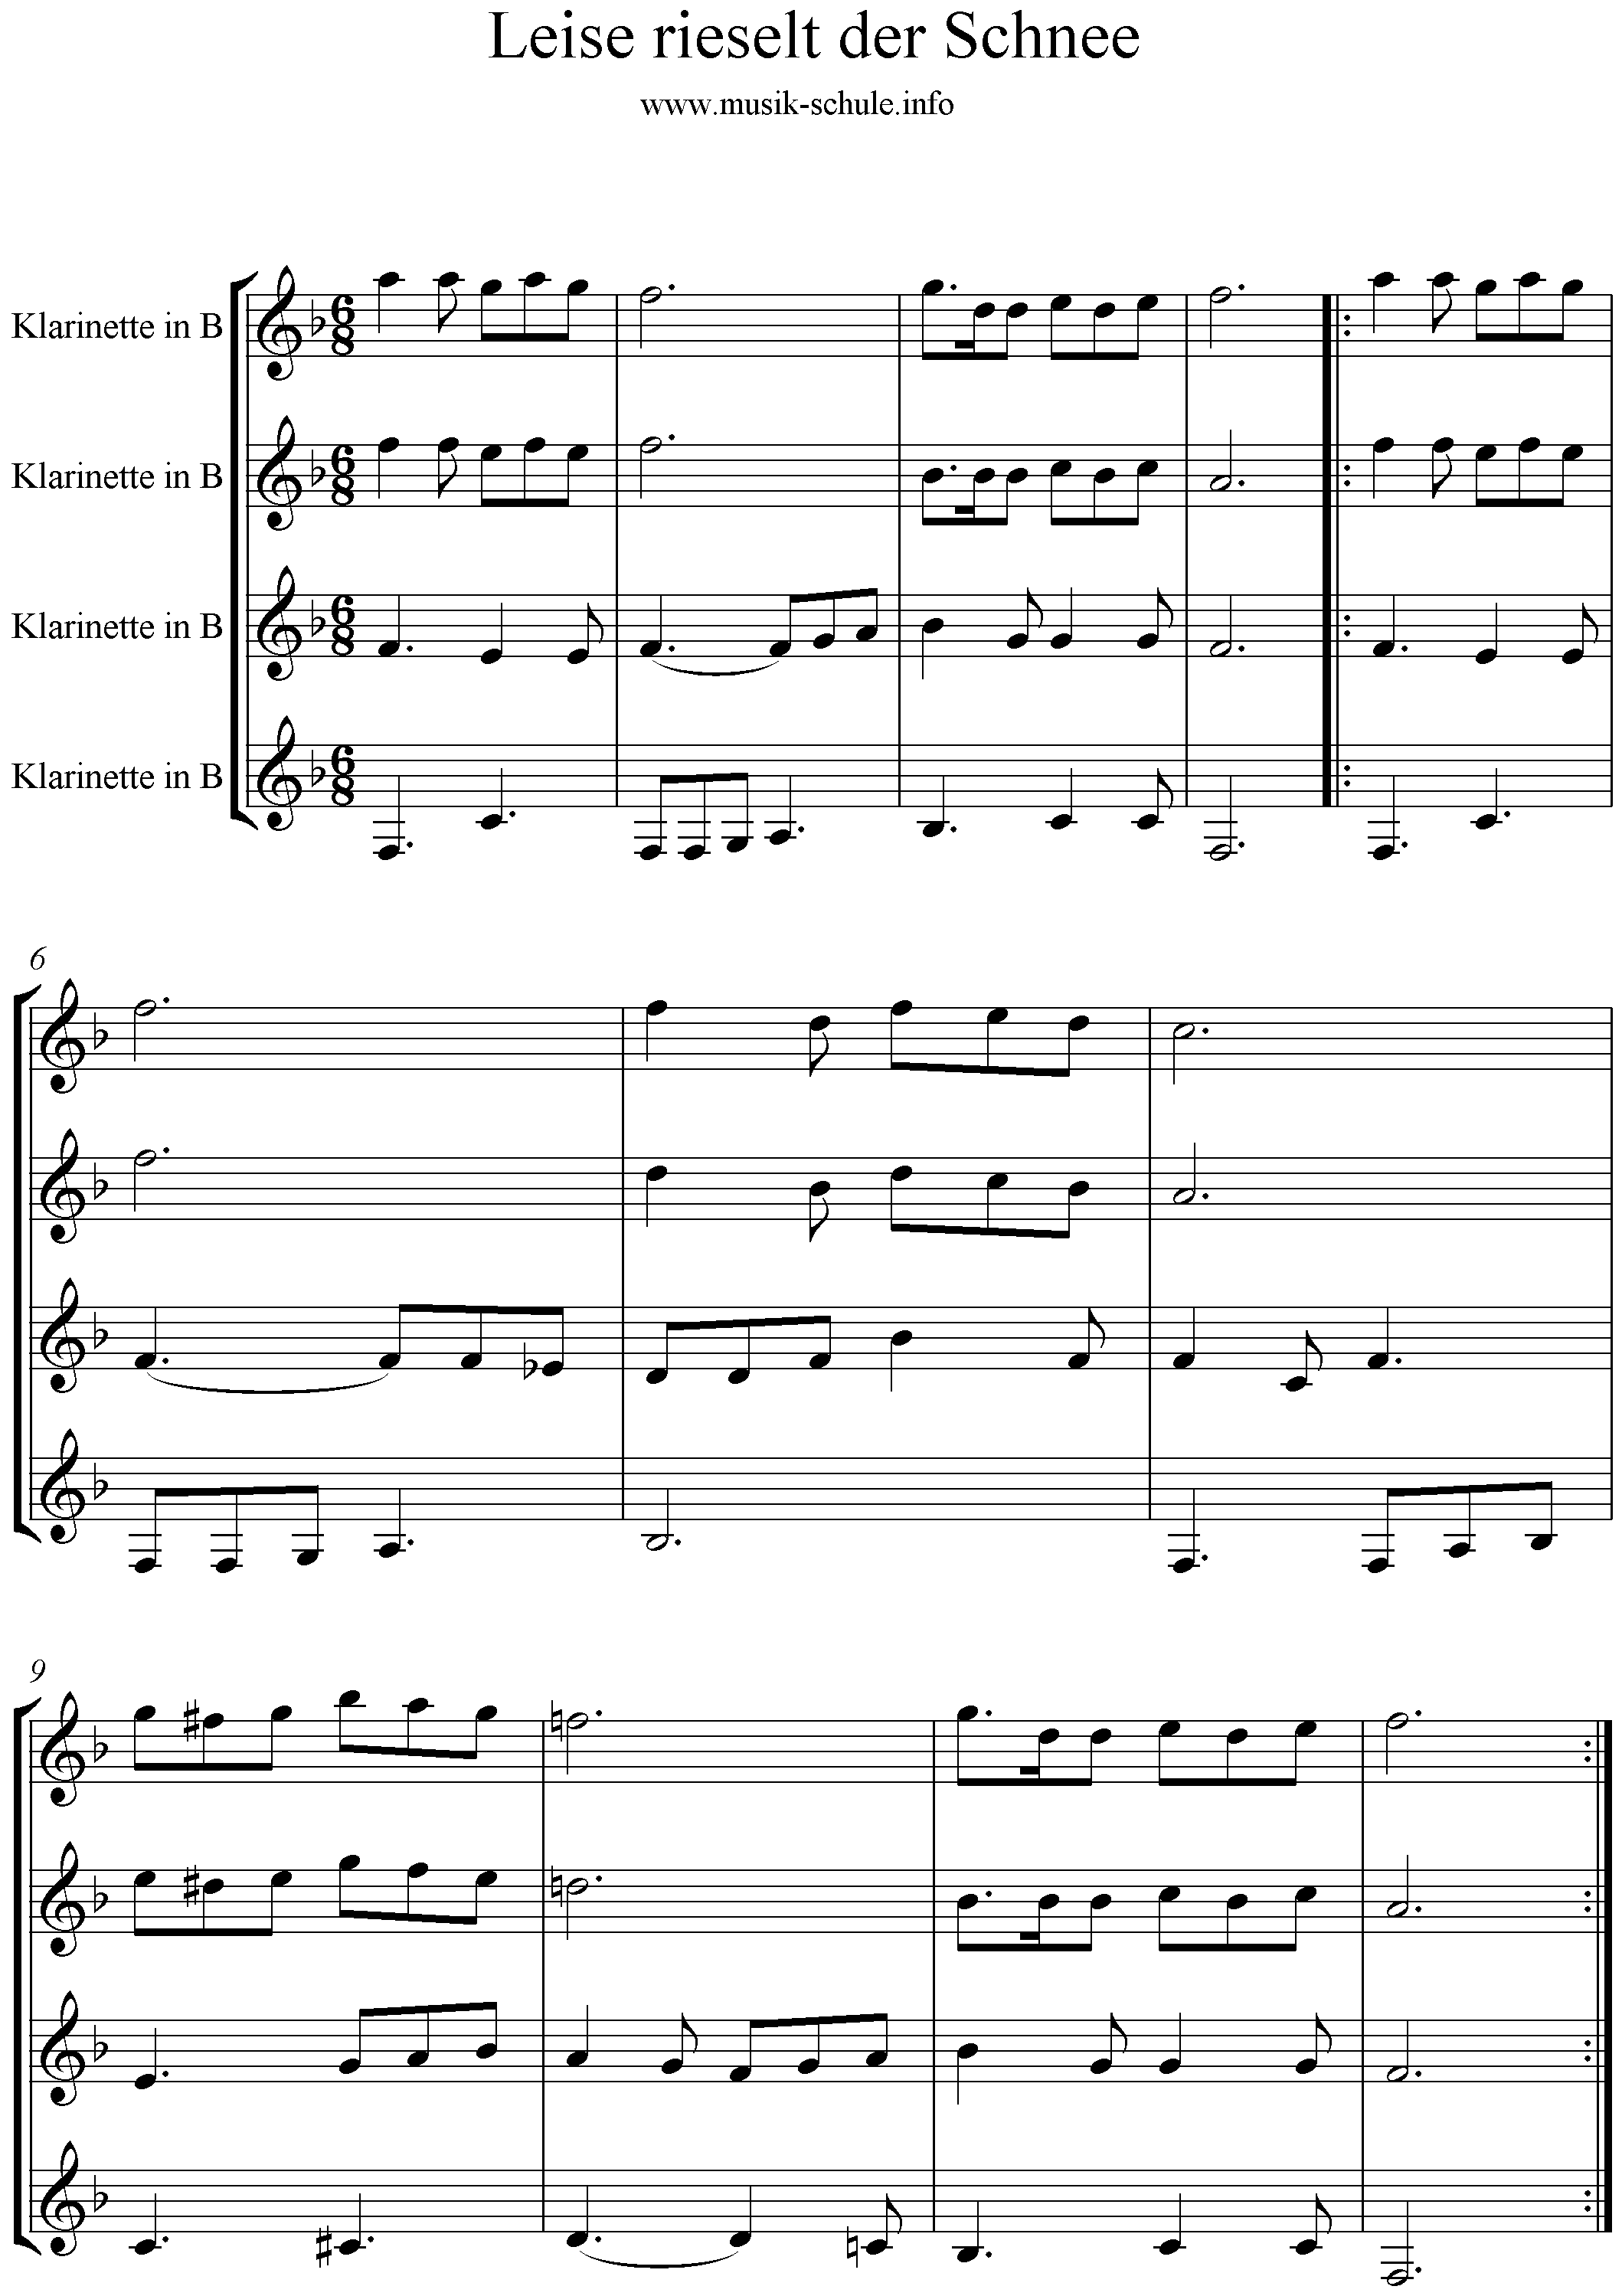 Quartett- Leise rieselt - Musikschule Stadt Haag